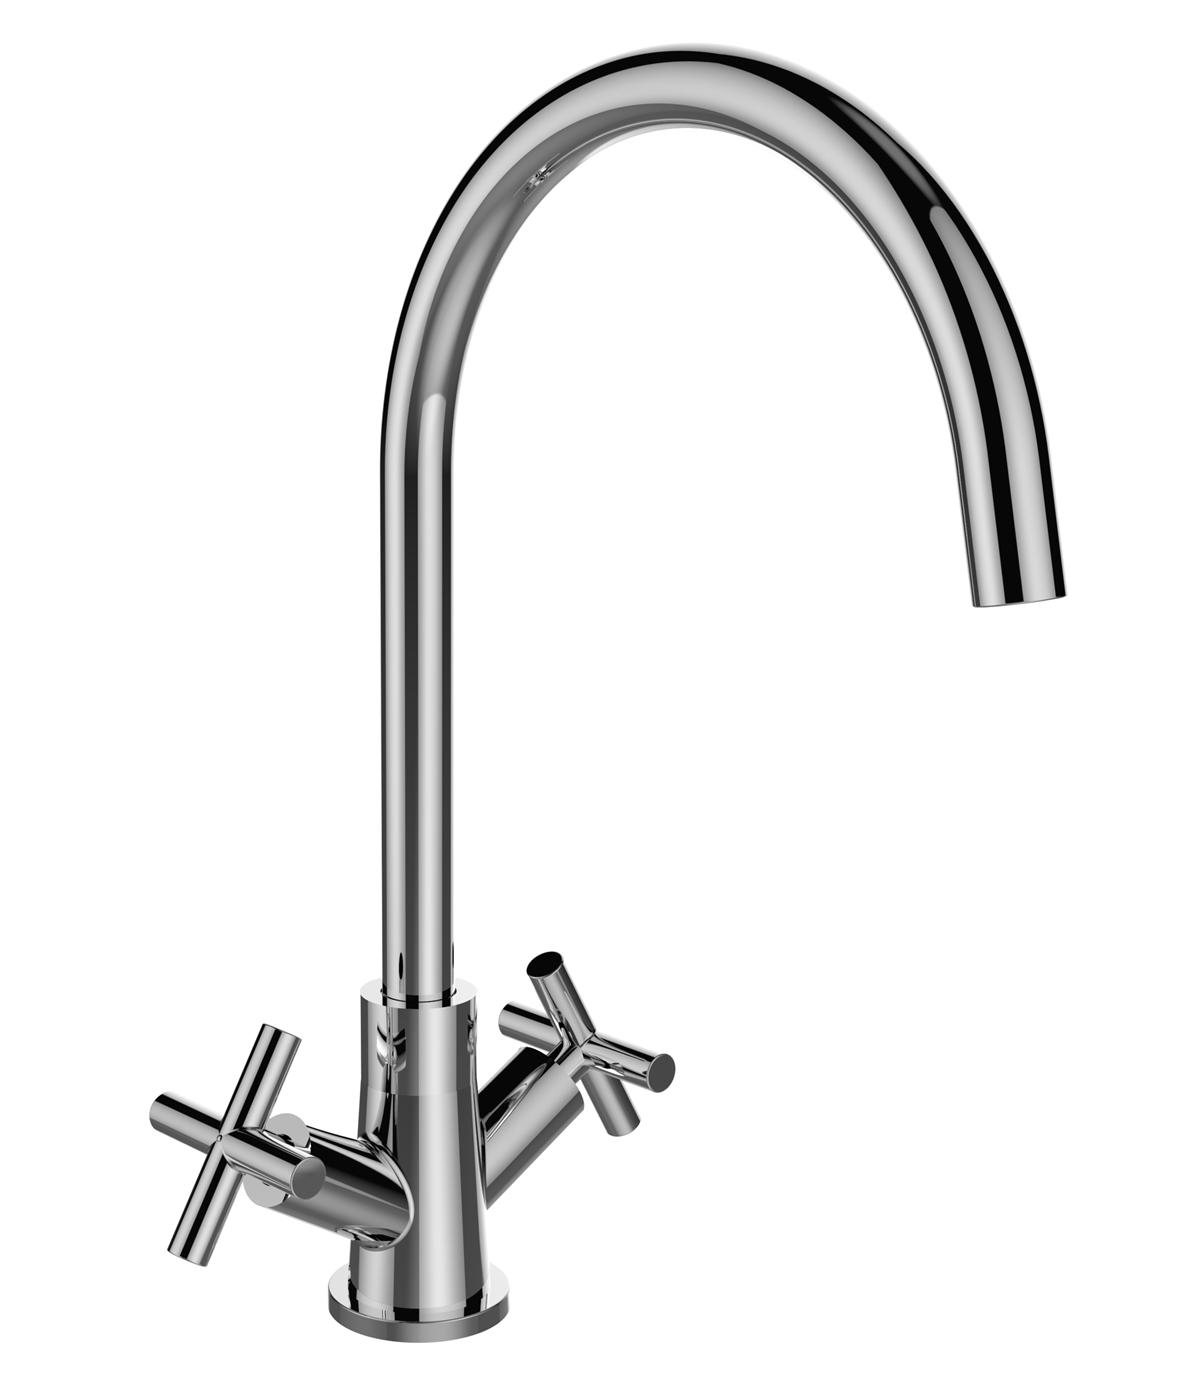 Bristan | Tangerine | TNG EFSNK C | Kitchen Sink Mixer